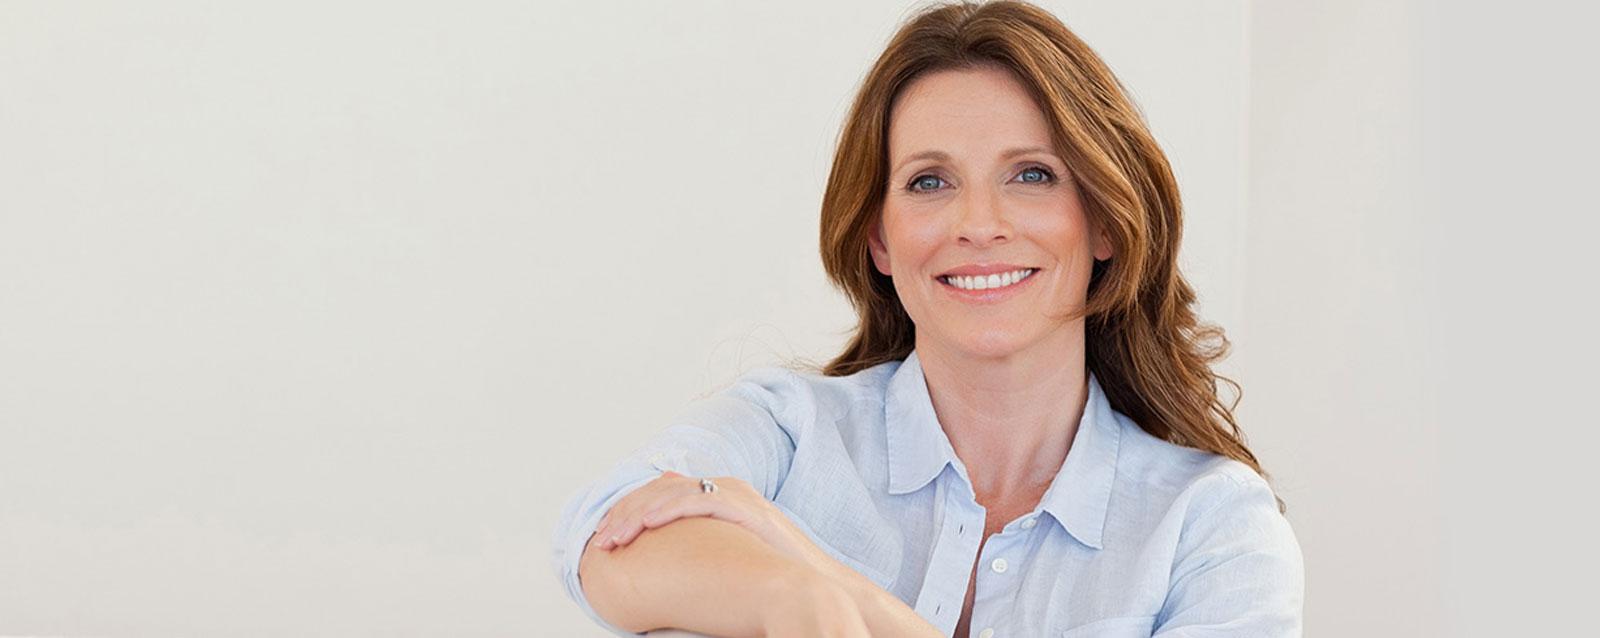 Rejuvenescimento com Iluminação - Efeito Botox®-Like e Radiofrequência